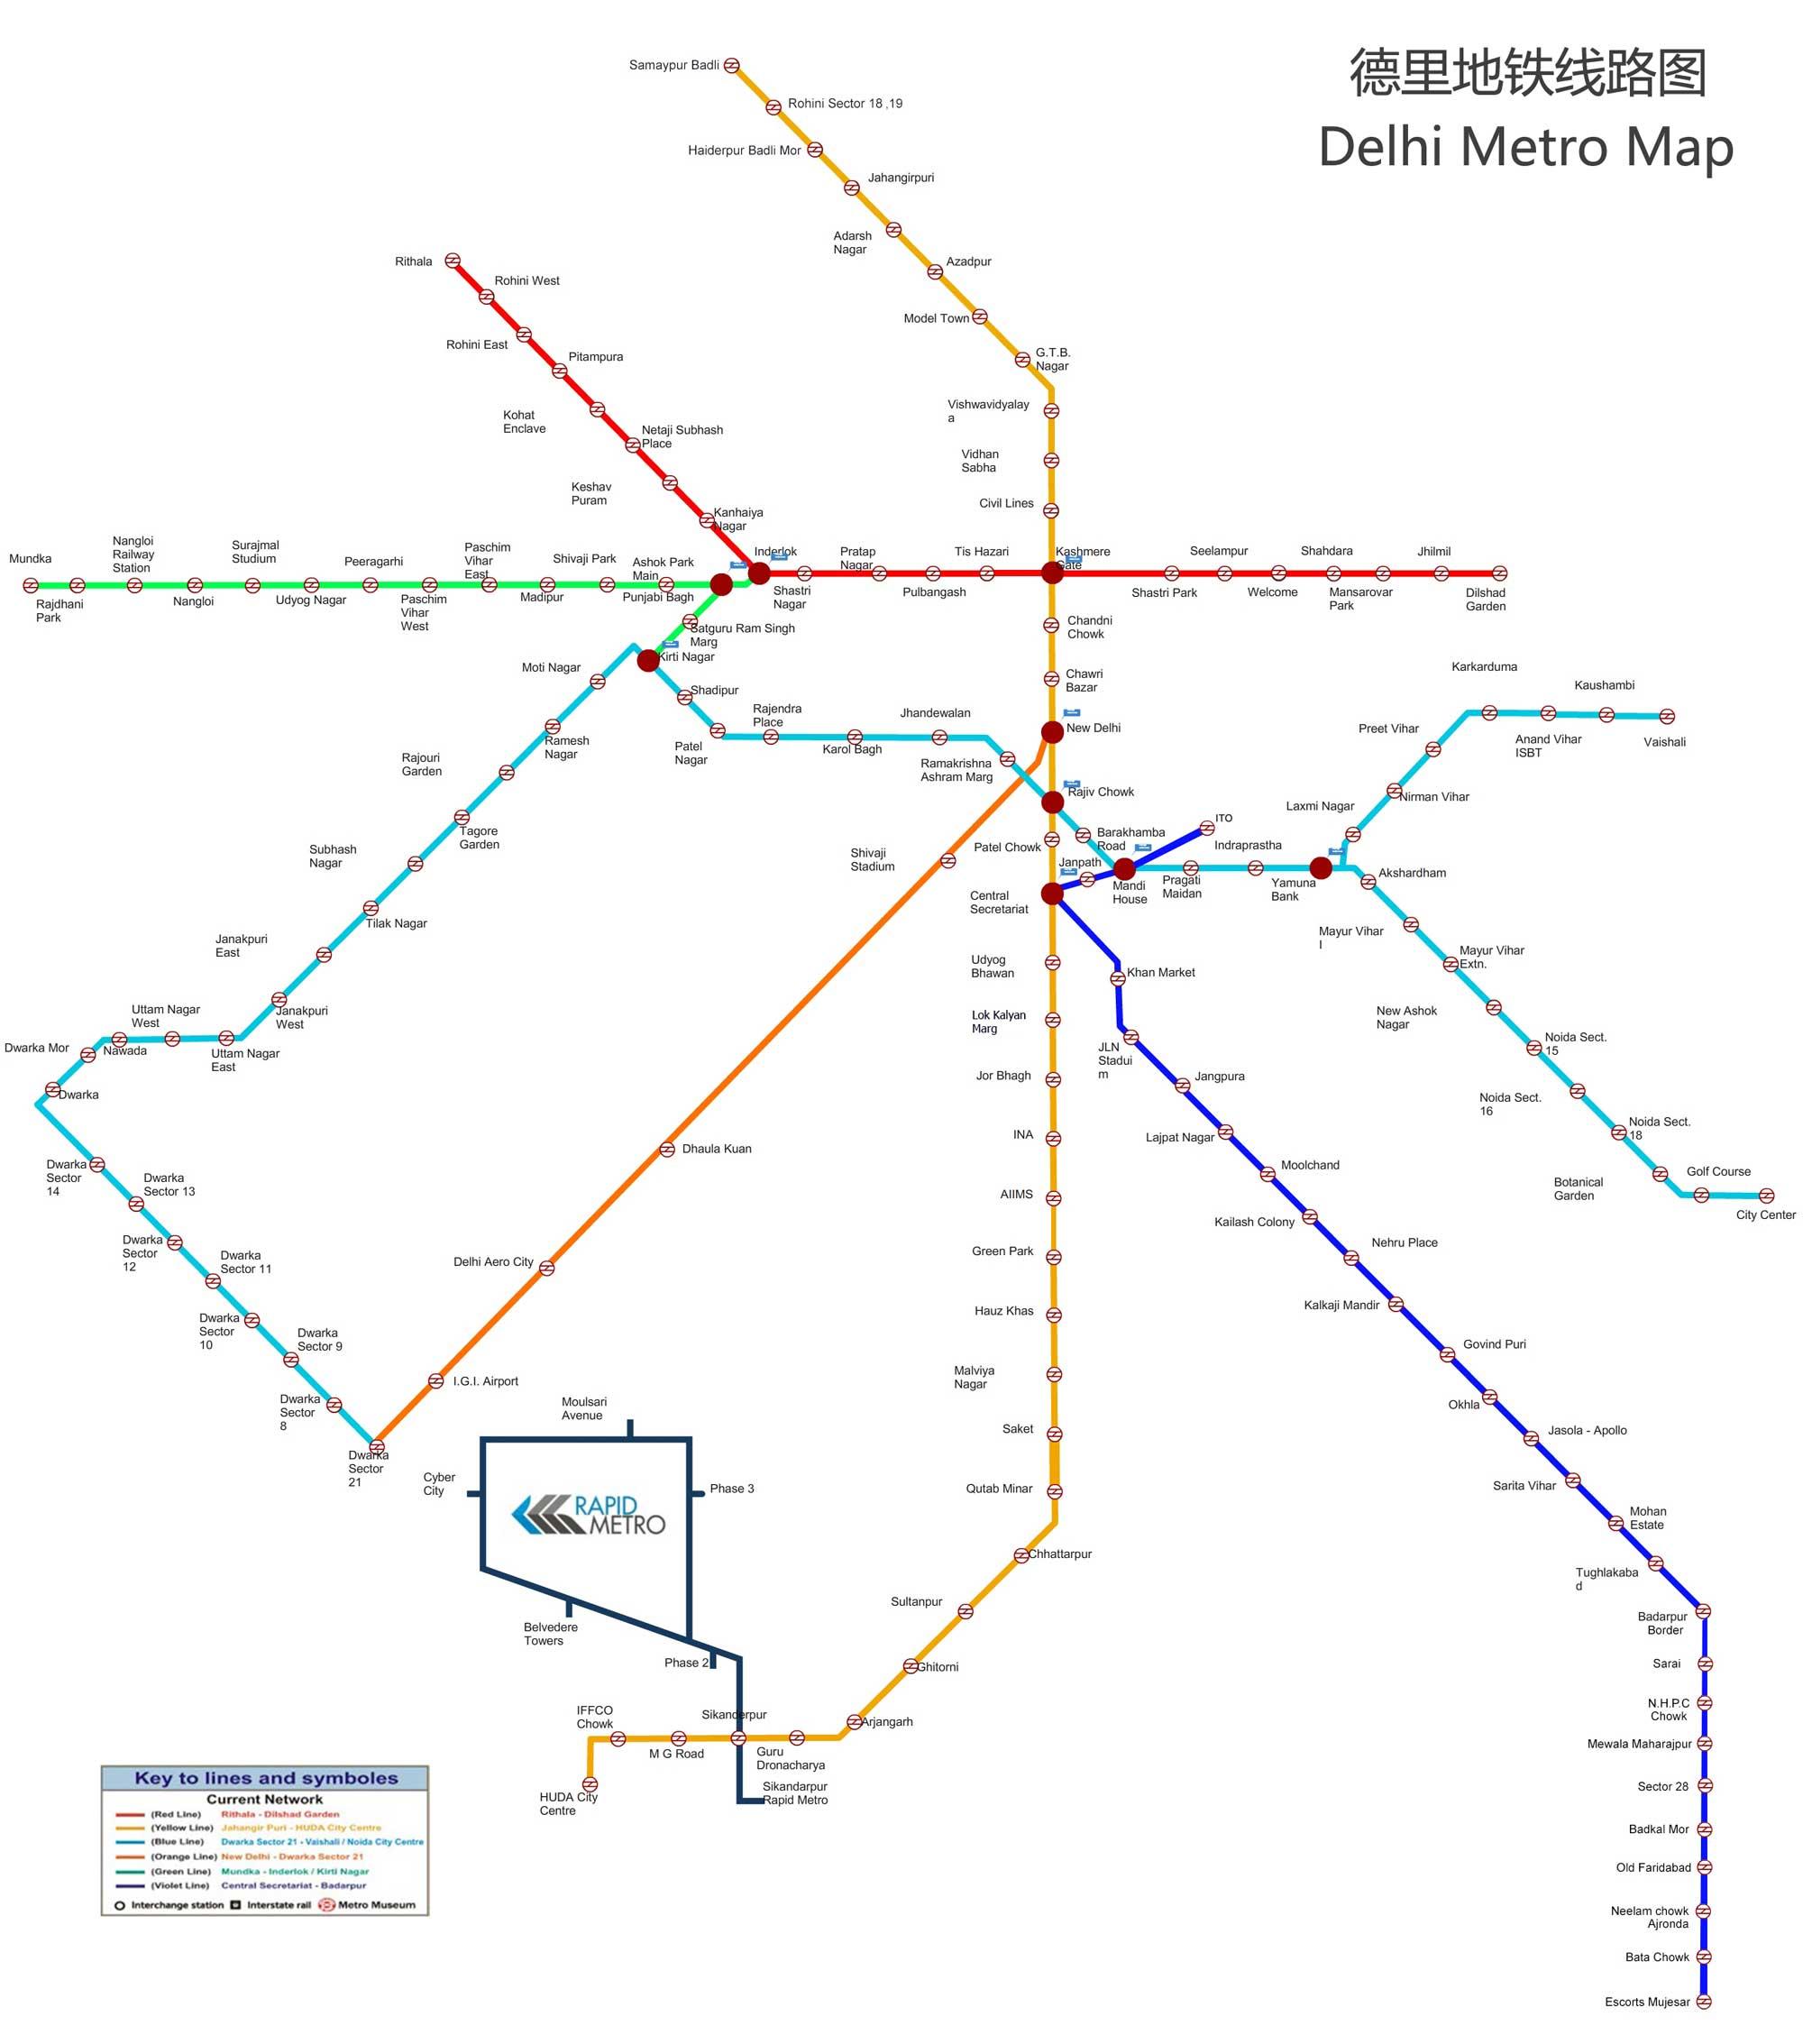 印度新德里地铁线路图 运营时间票价站点 查询下载 德里地铁查询 德里地铁票价 德里地铁运营时间 德里地铁线路图 德里地铁 新德里地铁 印度地铁 印度地铁线路图  第2张